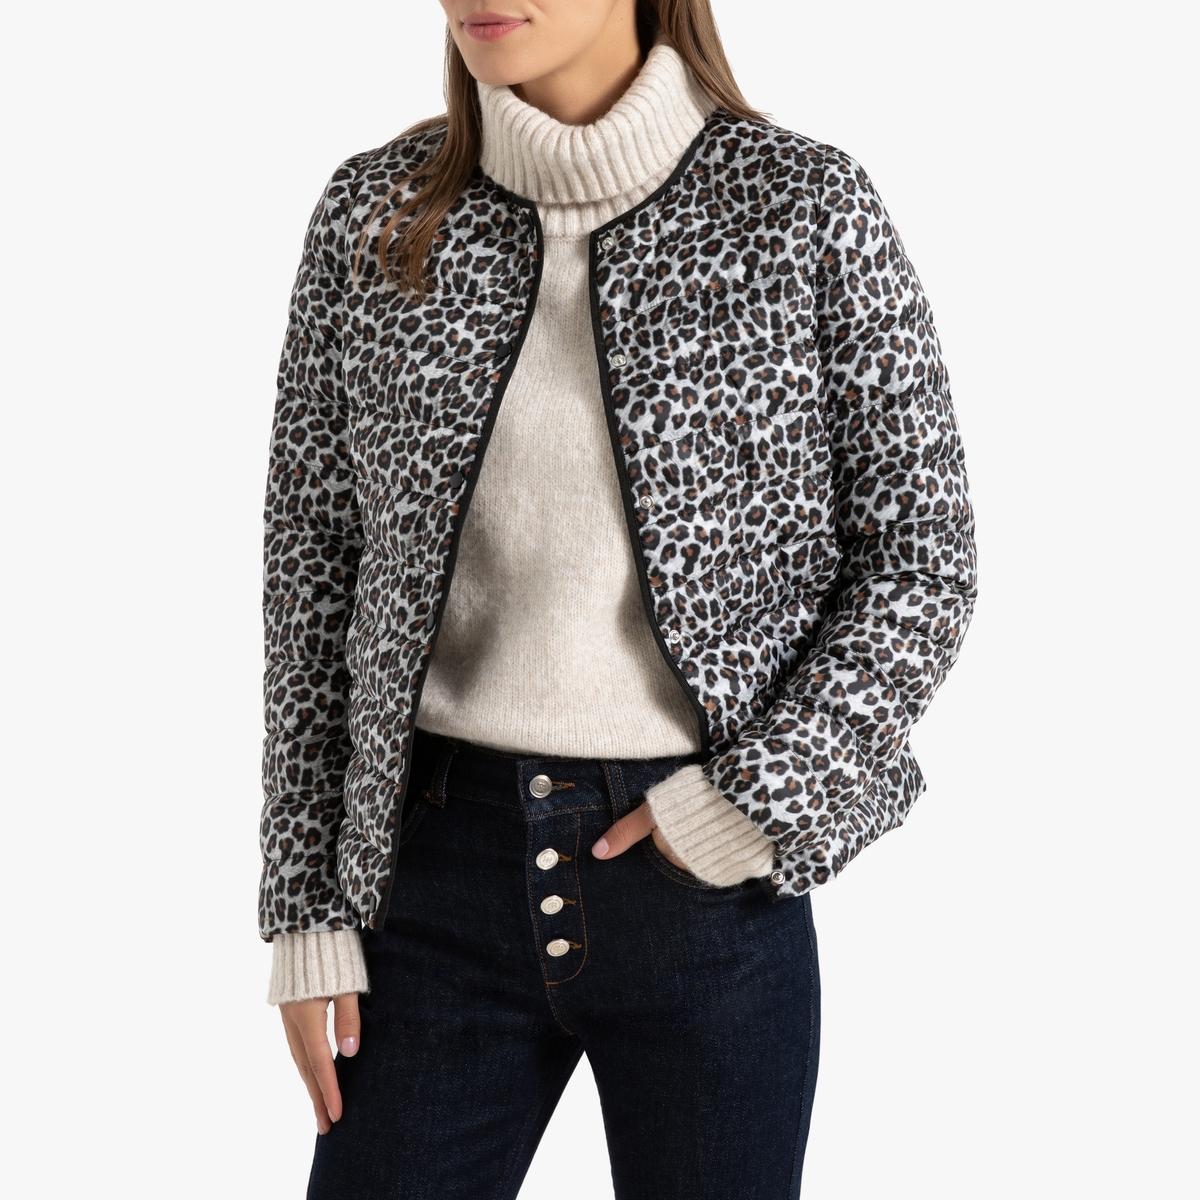 Куртка La Redoute Легкая укороченная с леопардовым принтом 34 (FR) - 40 (RUS) другие куртка la redoute легкая укороченная с леопардовым принтом 34 fr 40 rus другие